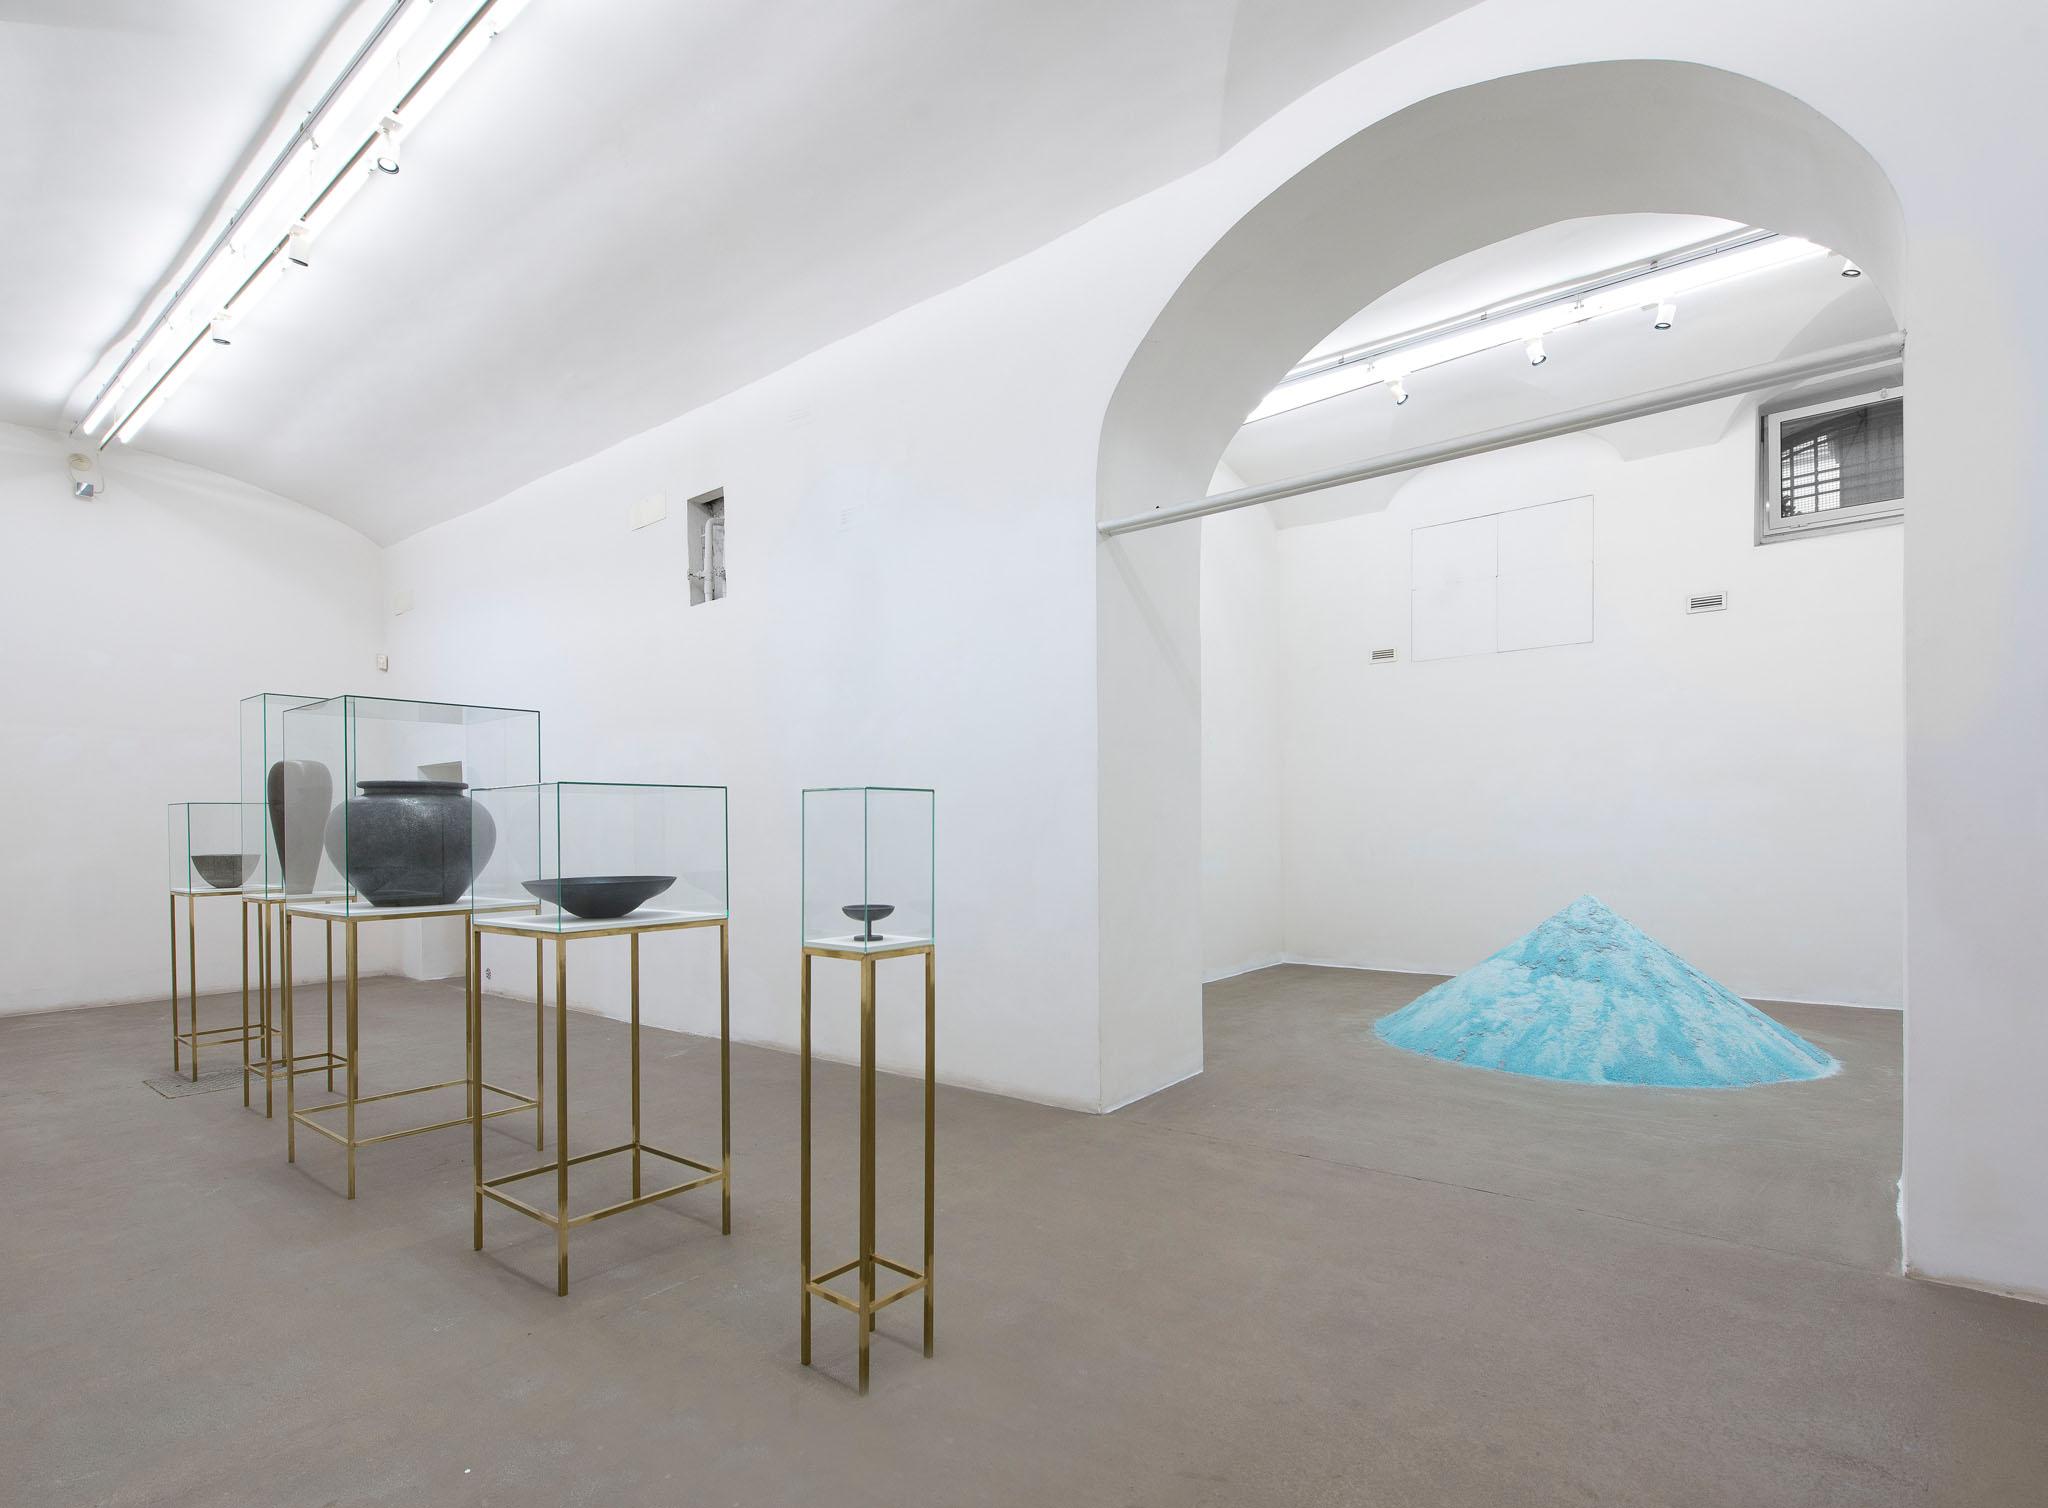 MATERIA, PER ORA Installation view; photo Giorgio Benni